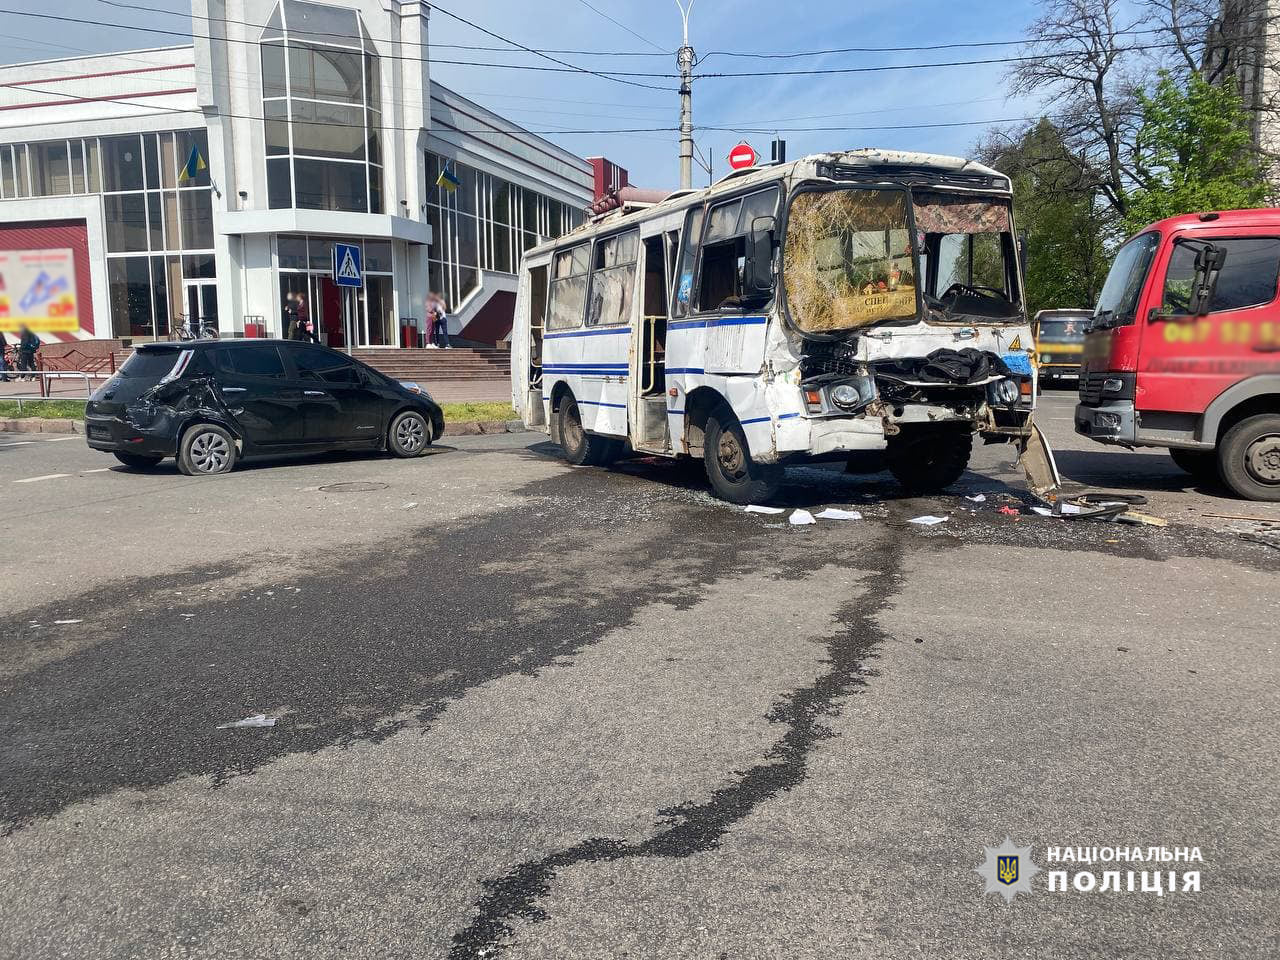 Потрійна ДТП в Черкасах: водія автобуса затиснуло кермом (ФОТО)